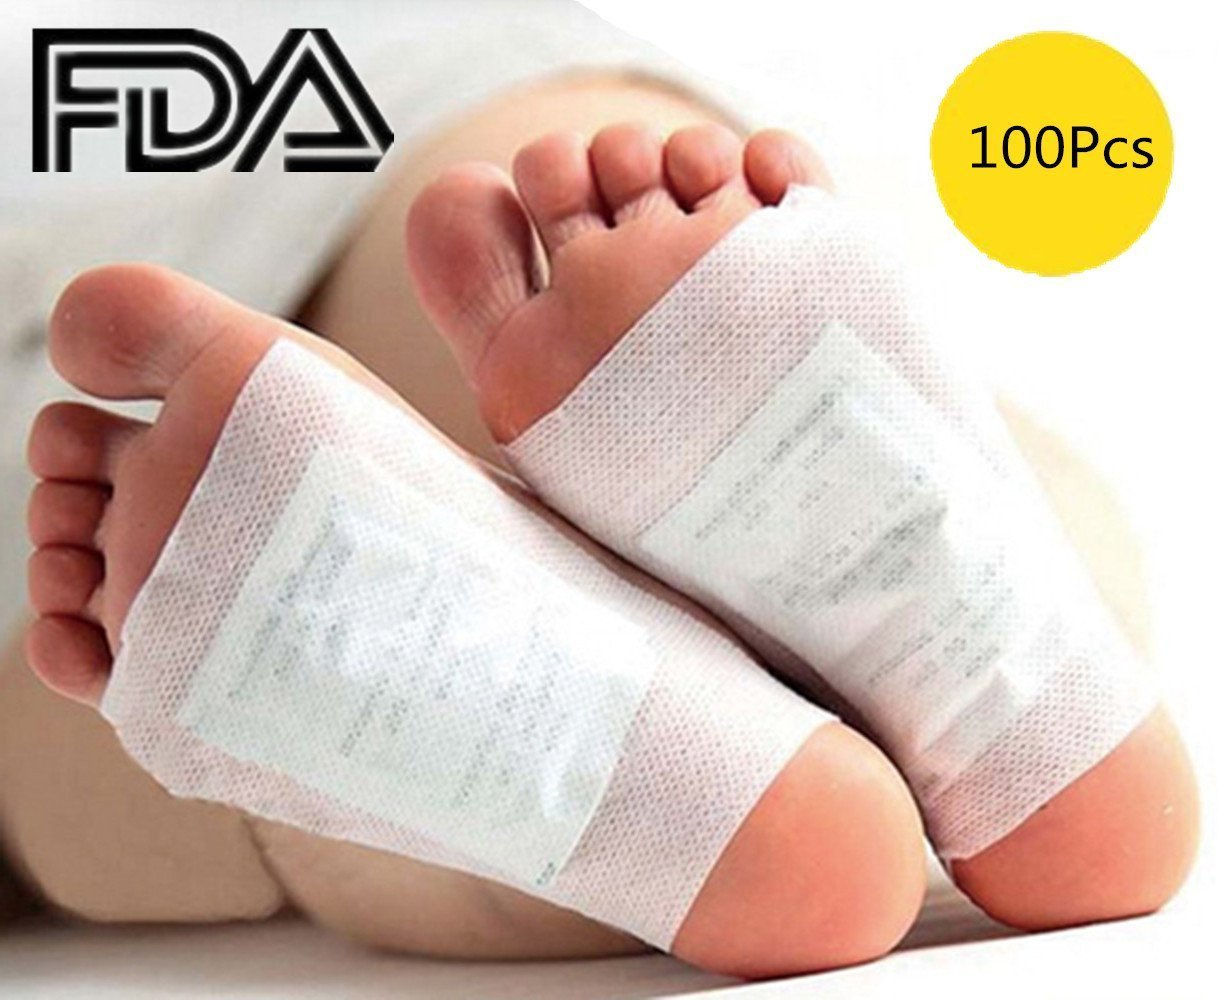 Foot Pads - 100 Adhesive Sheets and 100 Foot Pads